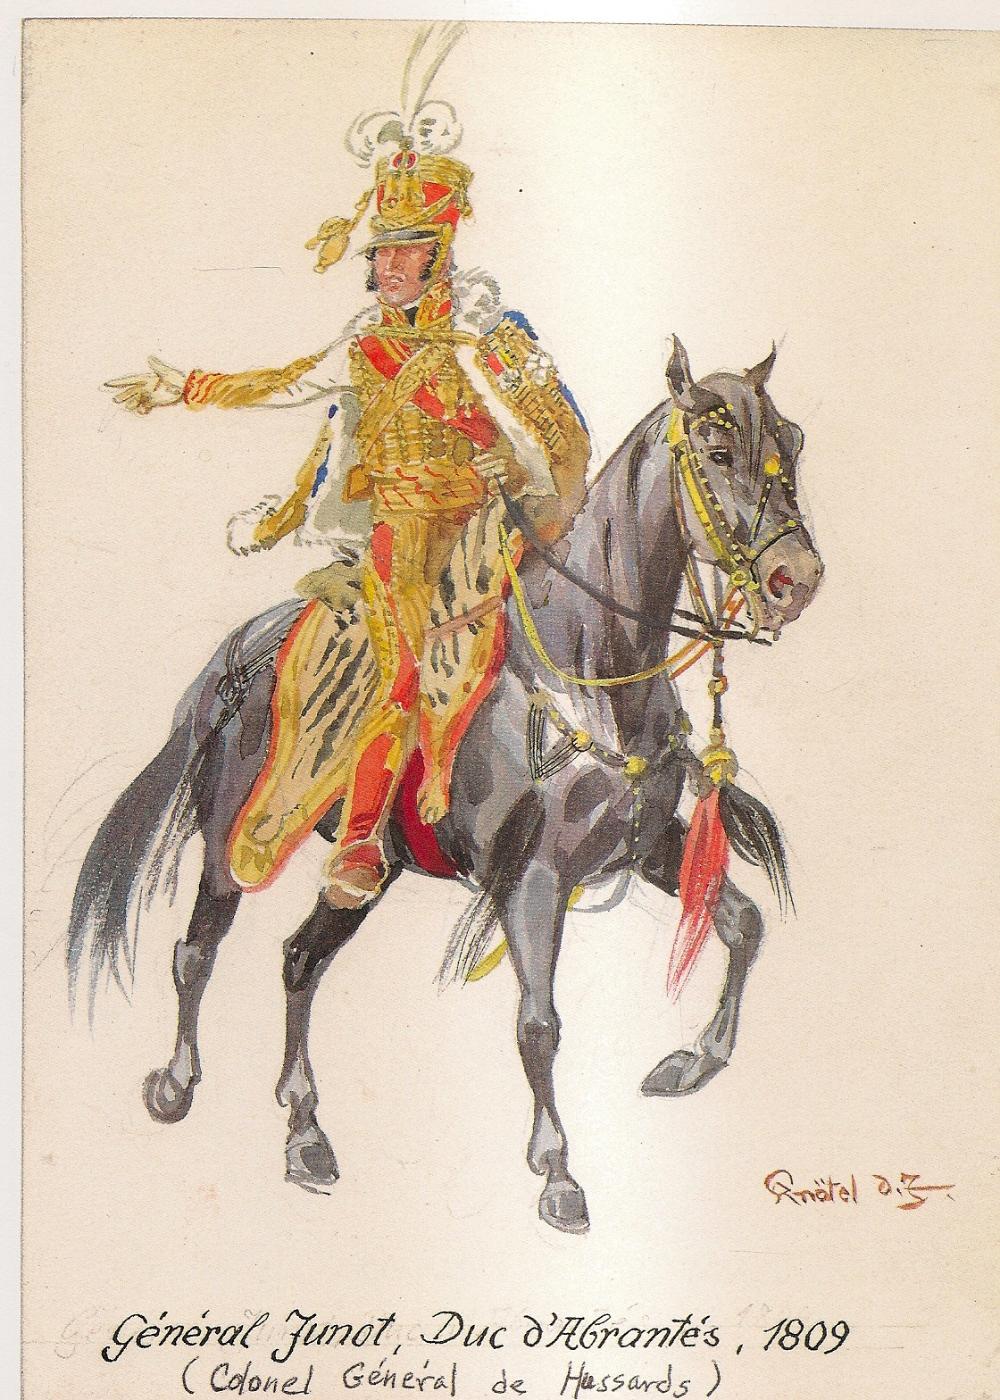 Général Junot, Duc d'Abrantés, Colonel Général de Hussards - 1809 ...